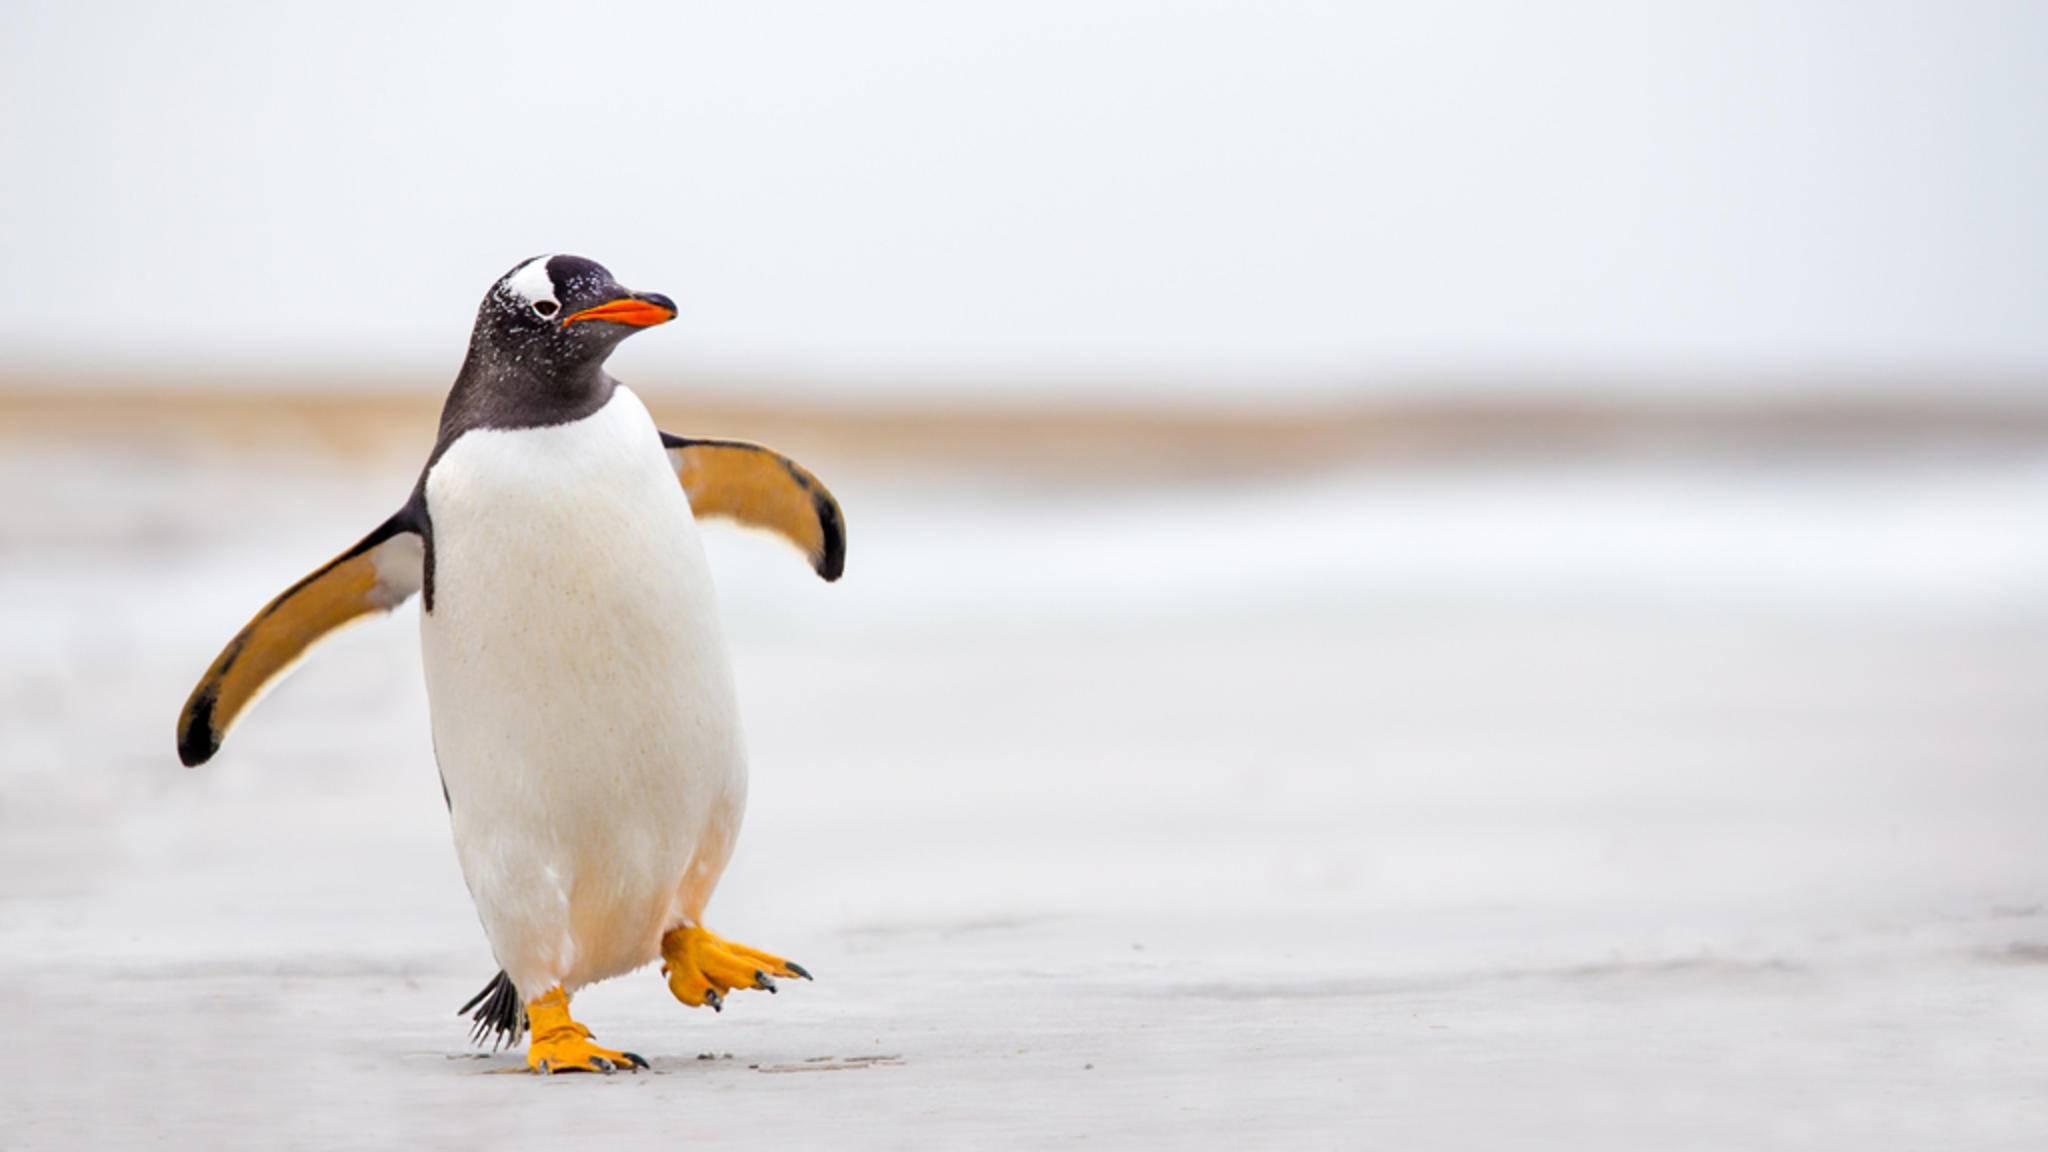 Am 25. April ist Welt-Pinguin-Tag – genau der richtige Zeitpunkt, um den liebenswert-tollpatschigen Zeitgenossen zu huldigen.